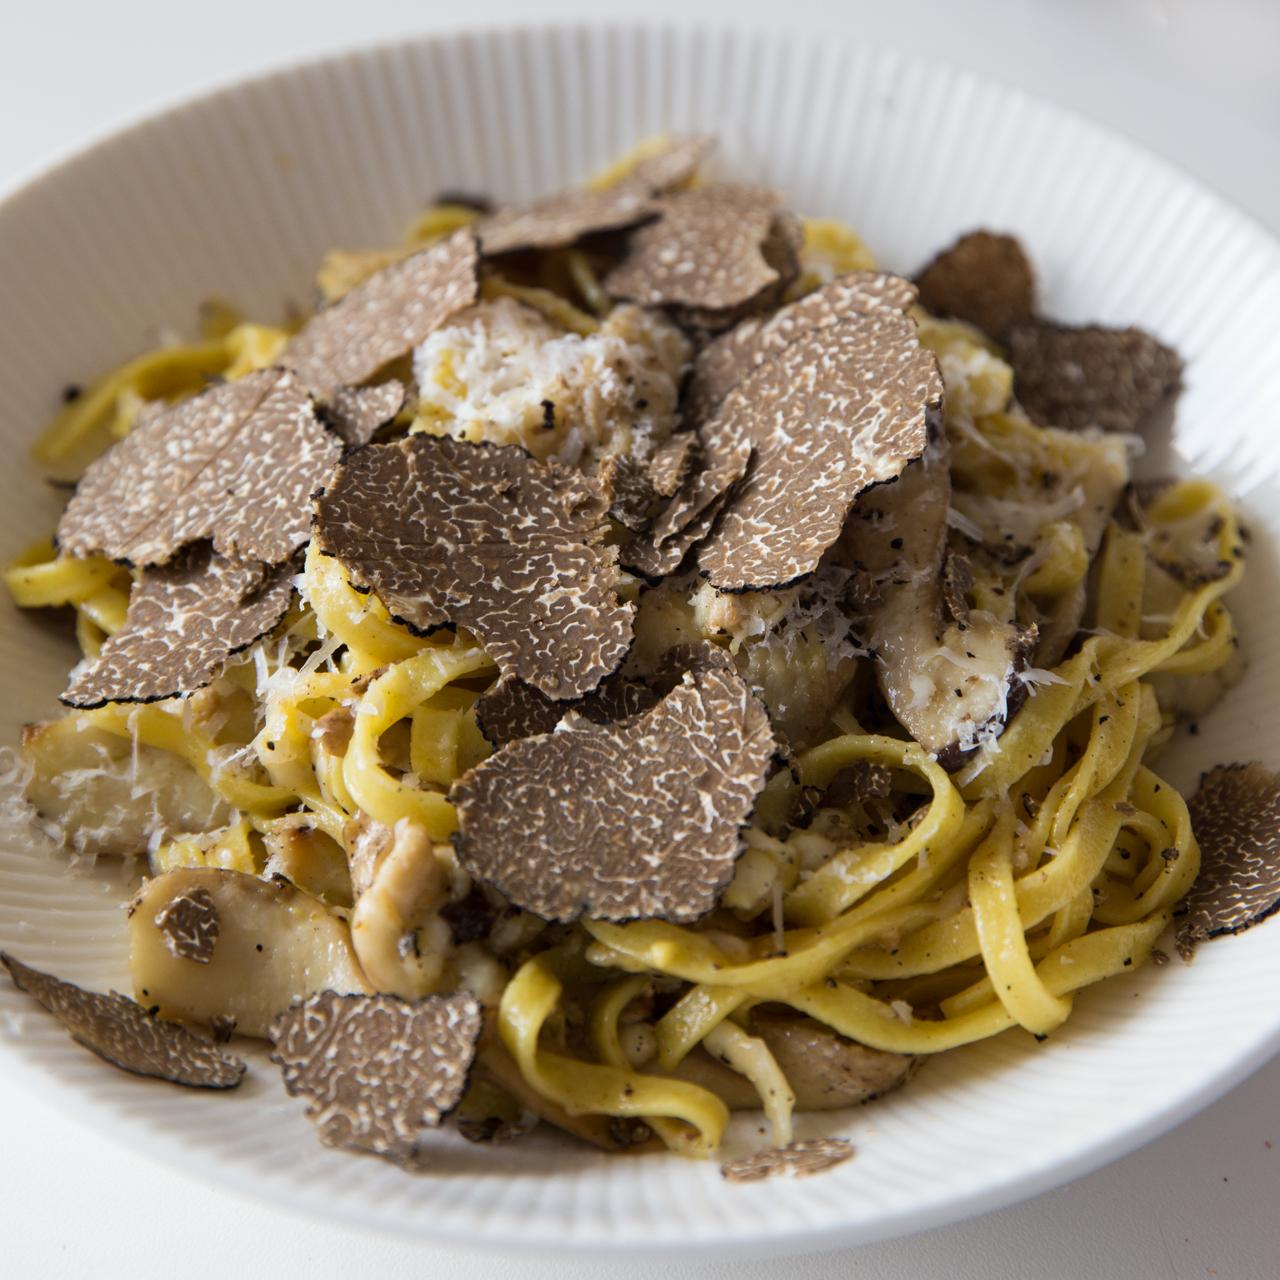 truffle-recipes-black-truffle-fettuccine-truffleat